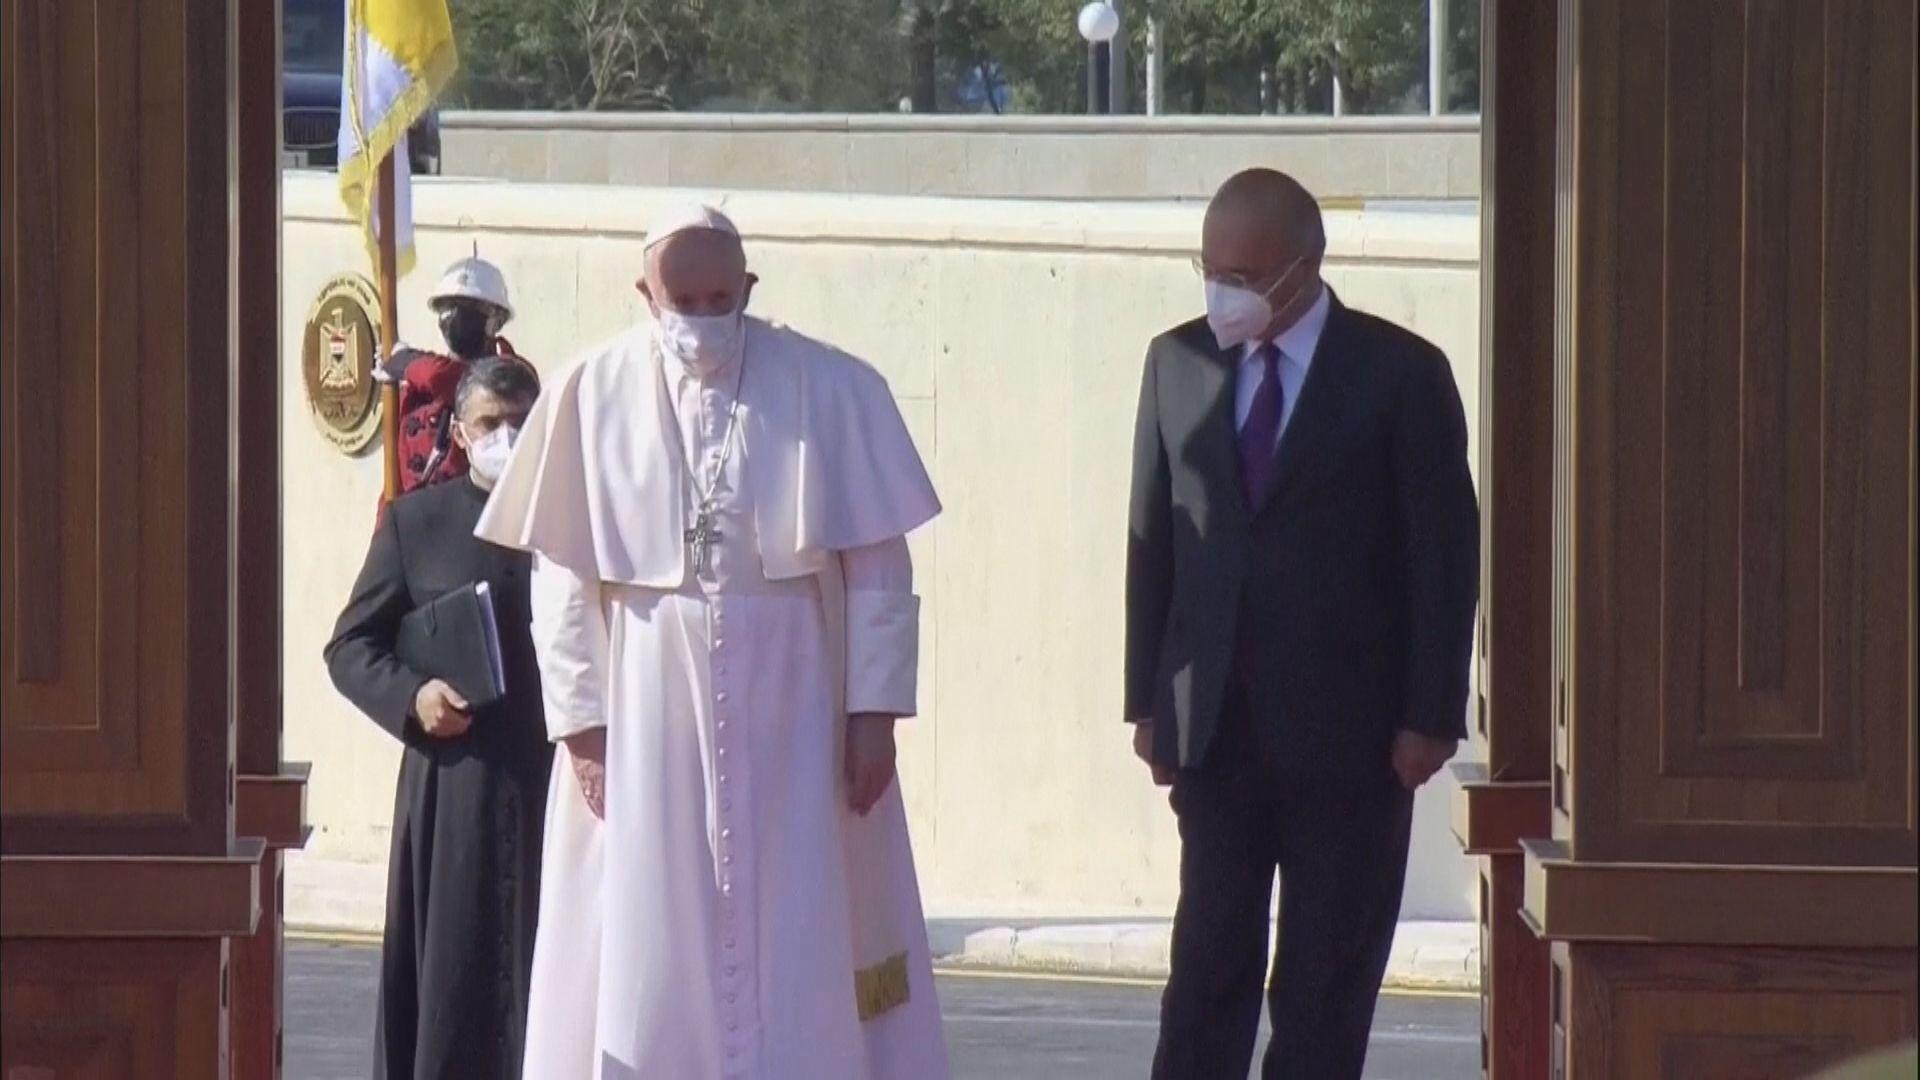 教宗方濟各抵達巴格達 到總統官邸出席官方歡迎儀式